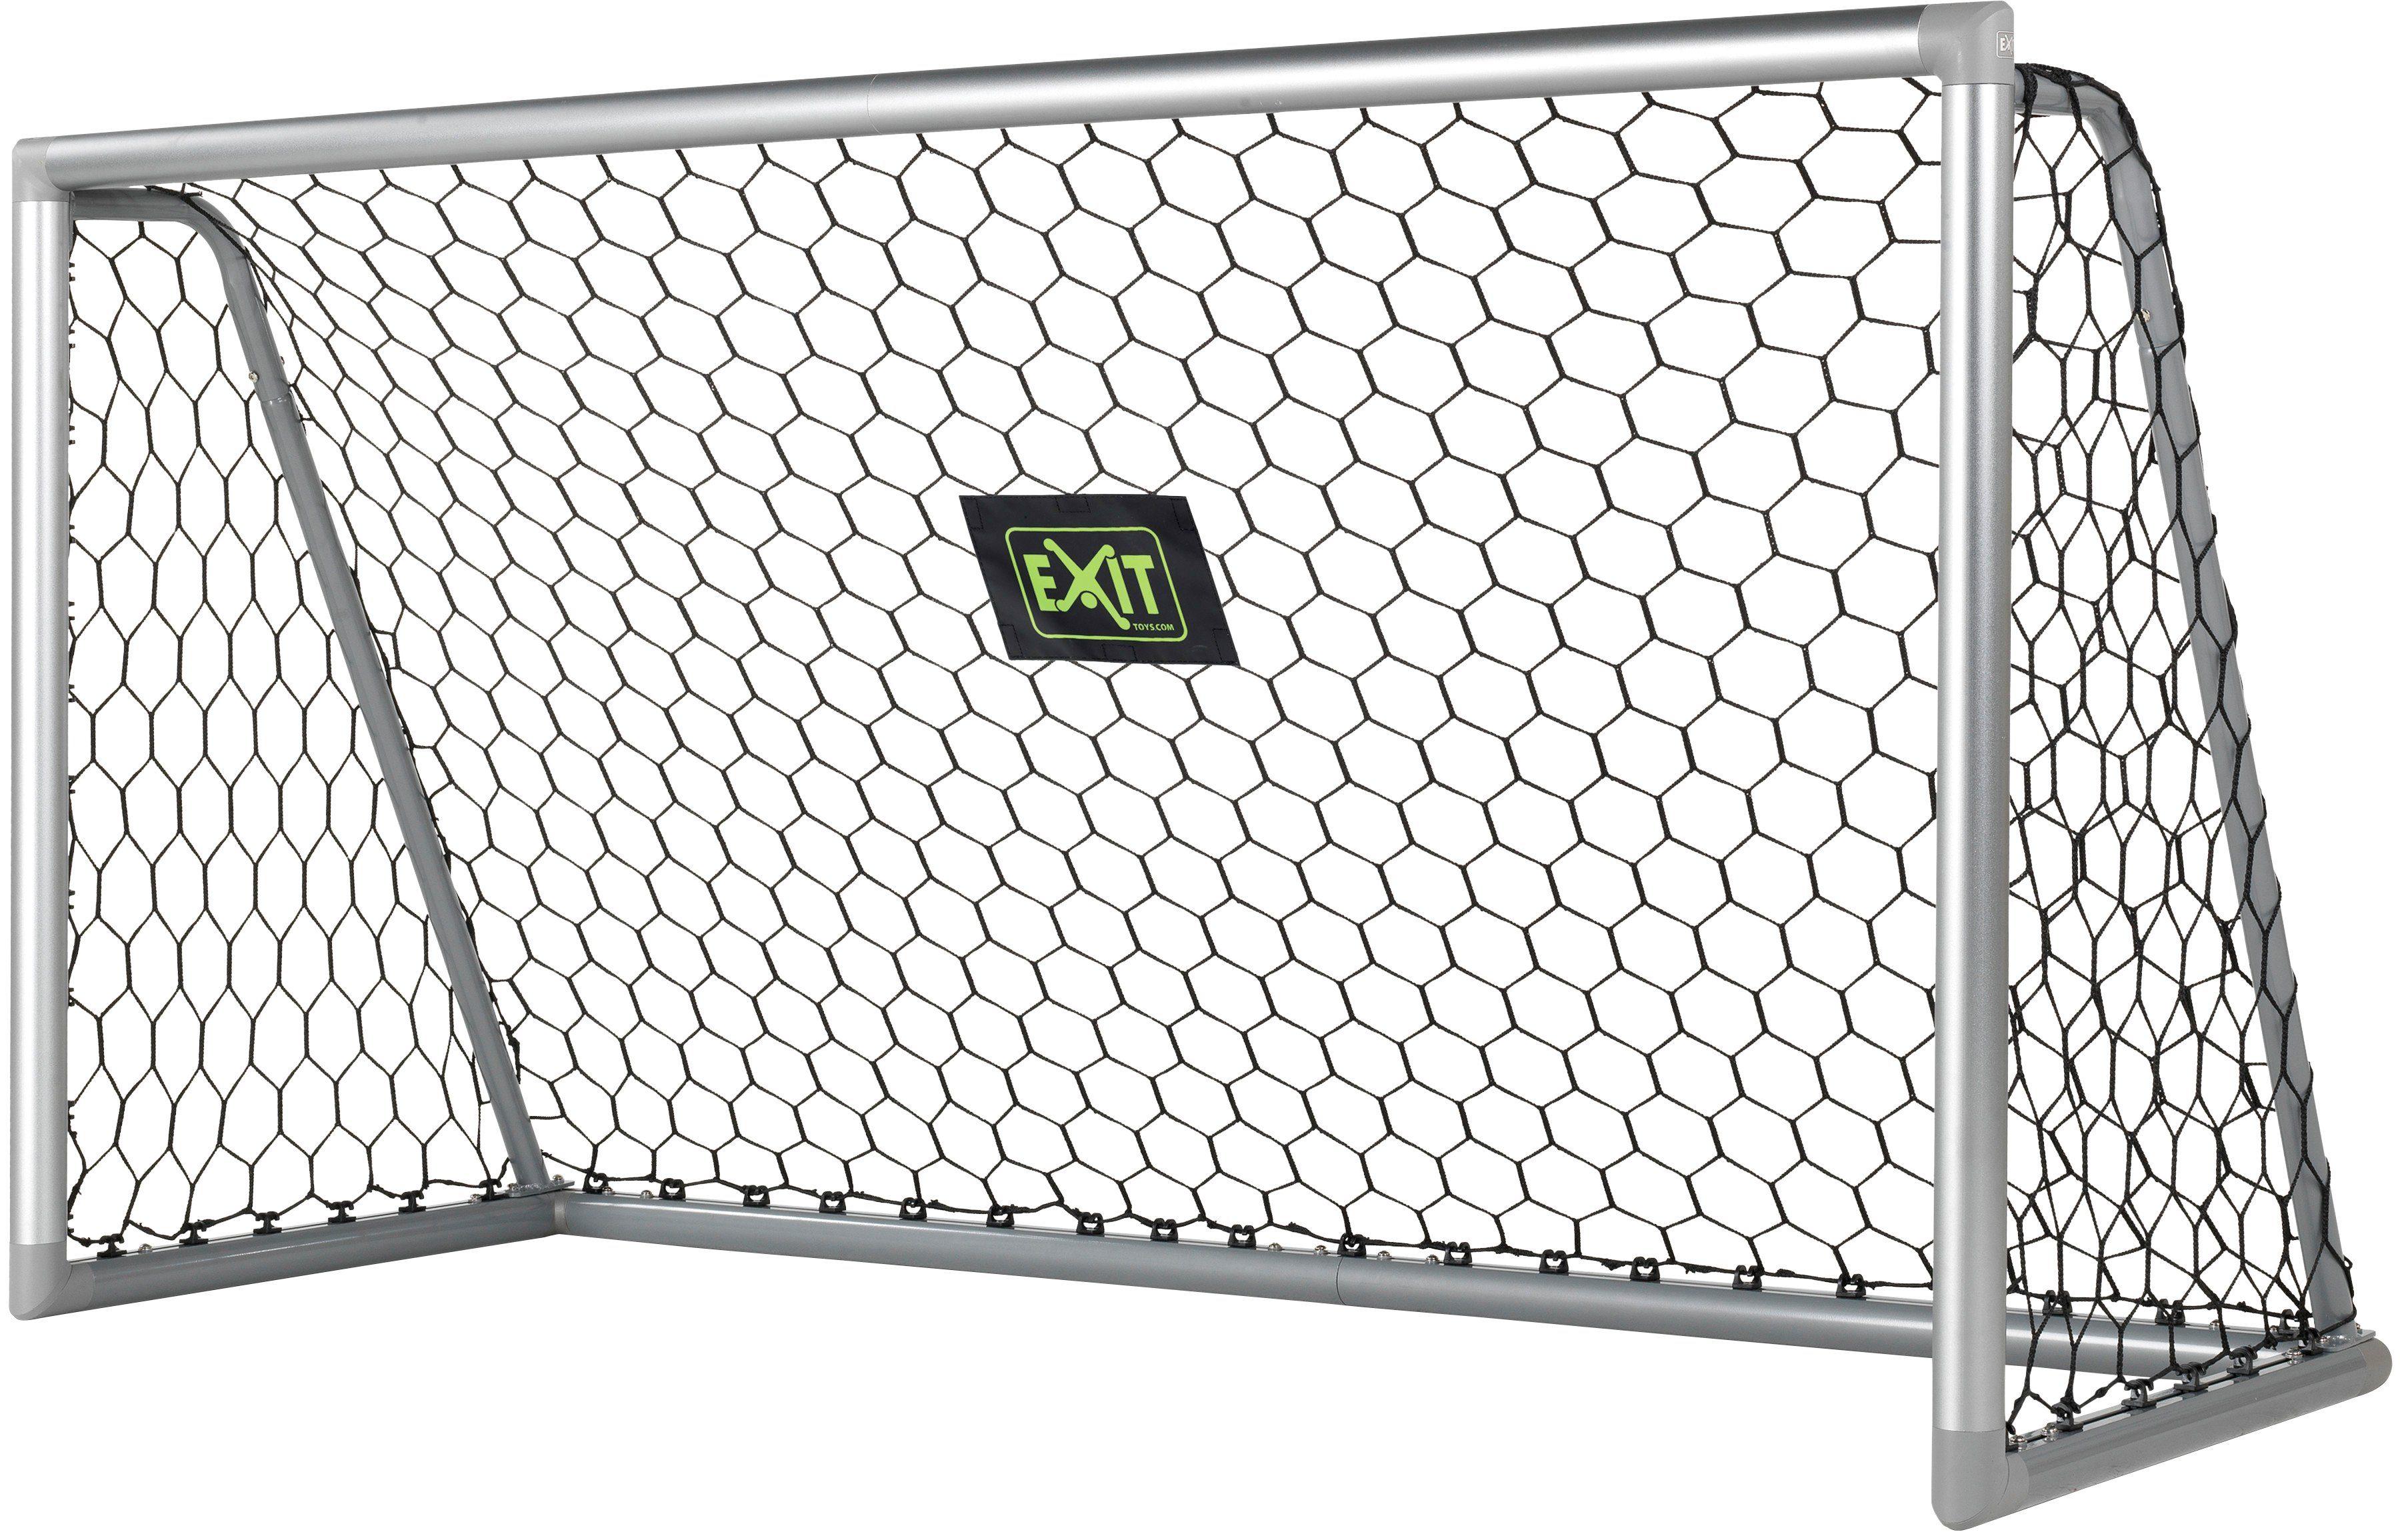 EXIT Fußballtor »Scala«, B/T/H: 220/80/120 cm, aus Aluminium